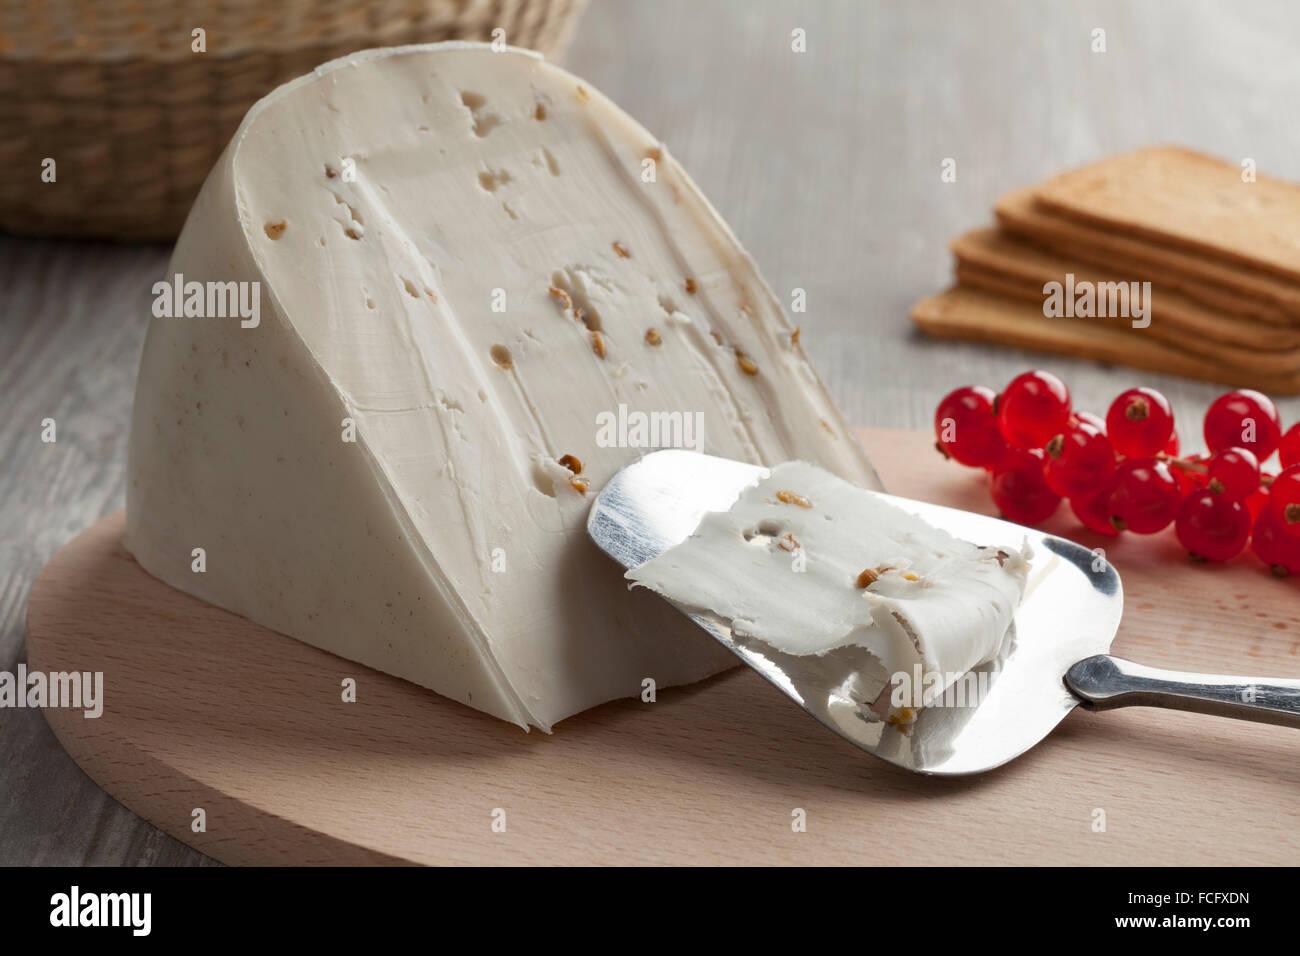 Olandese di formaggio di capra con semi di coriandolo e di fieno greco con un'affettatrice come dessert Immagini Stock